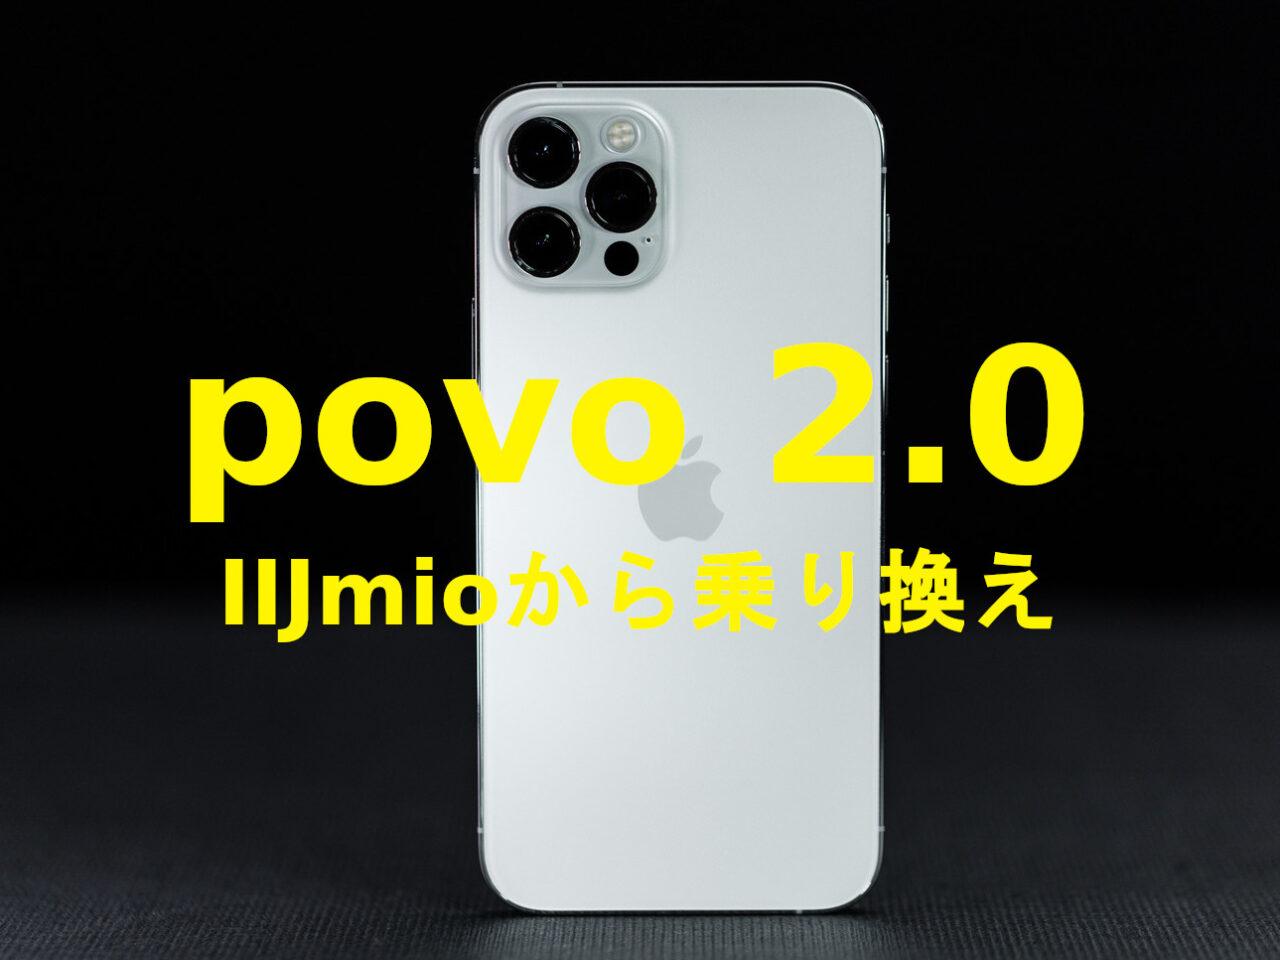 IIJmioからpovo 2.0への乗り換えはおすすめ?やり方は?のサムネイル画像